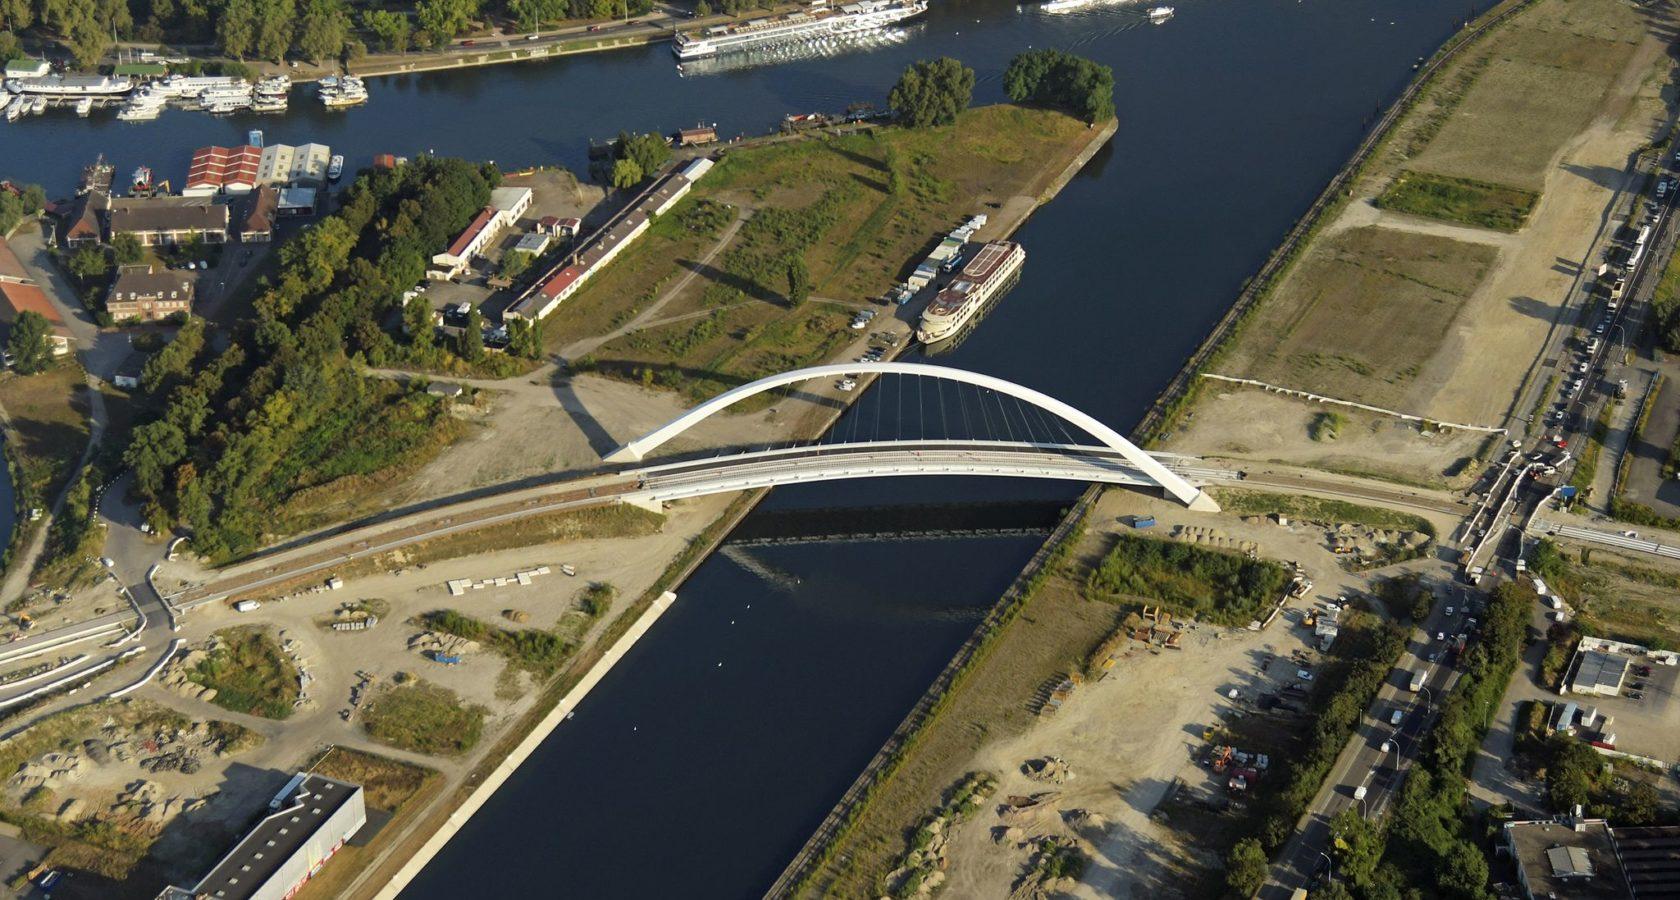 Vue aérienne du pont André Bord dans le quartier Citadelle. Crédits photo Jean Isenmann, ADEUS